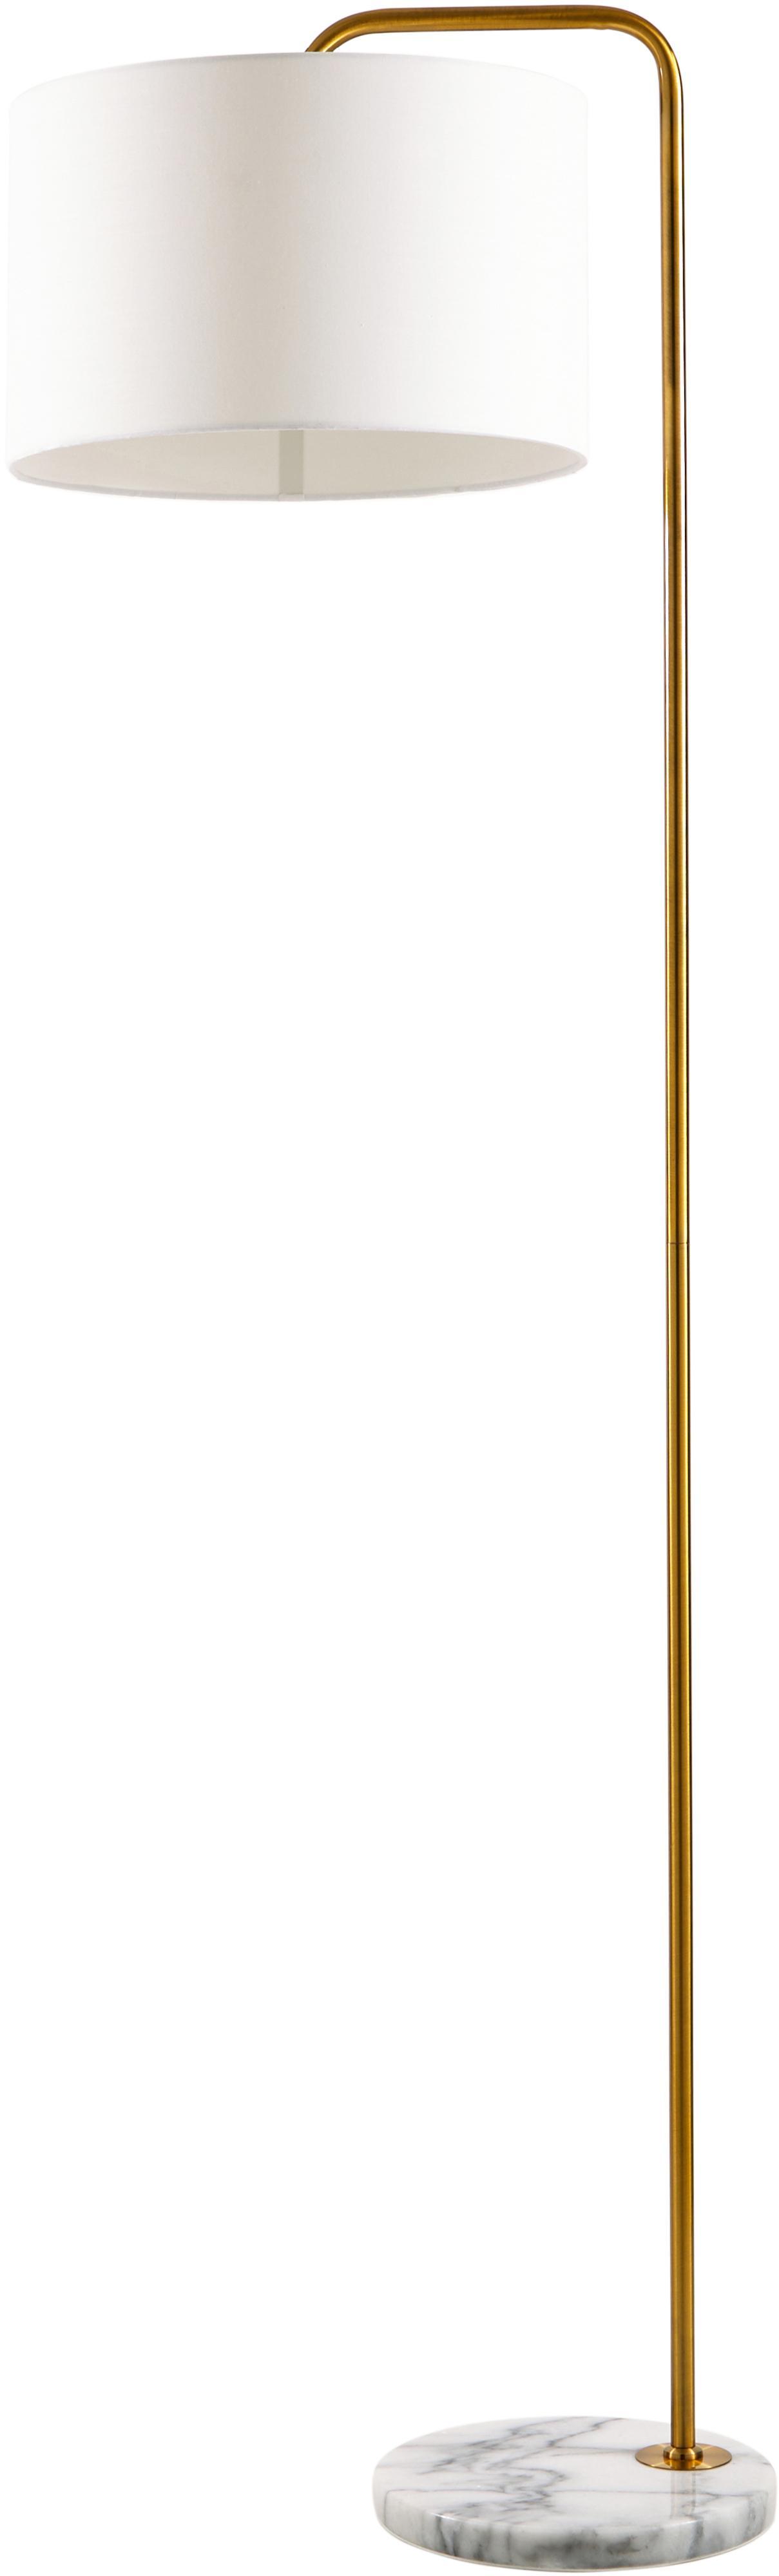 Lámpara de pie de mármol Montreal, Pantalla: tela, Estructura: metal galvanizado, Cable: plástico, Blanco, dorado, Ø 35 x Al 155 cm